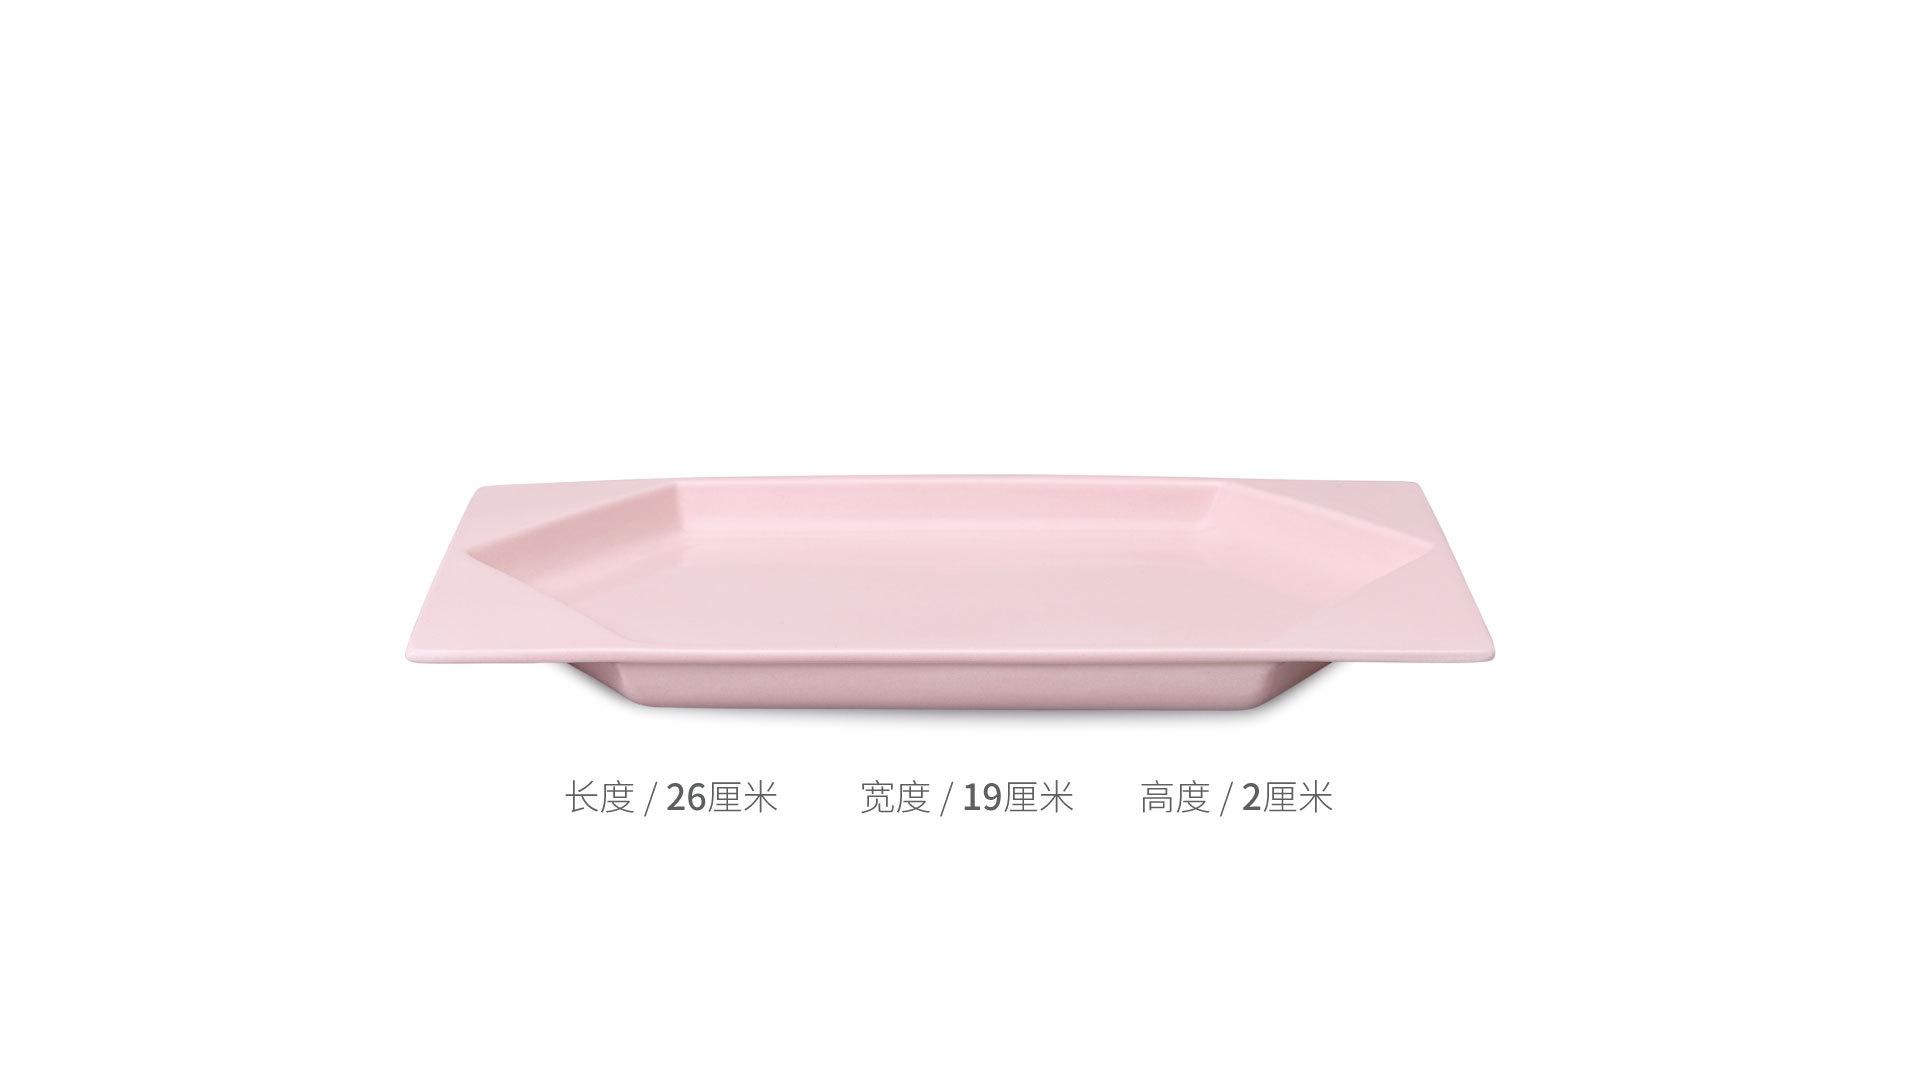 翻糖餐具组六角长方盘餐具效果图